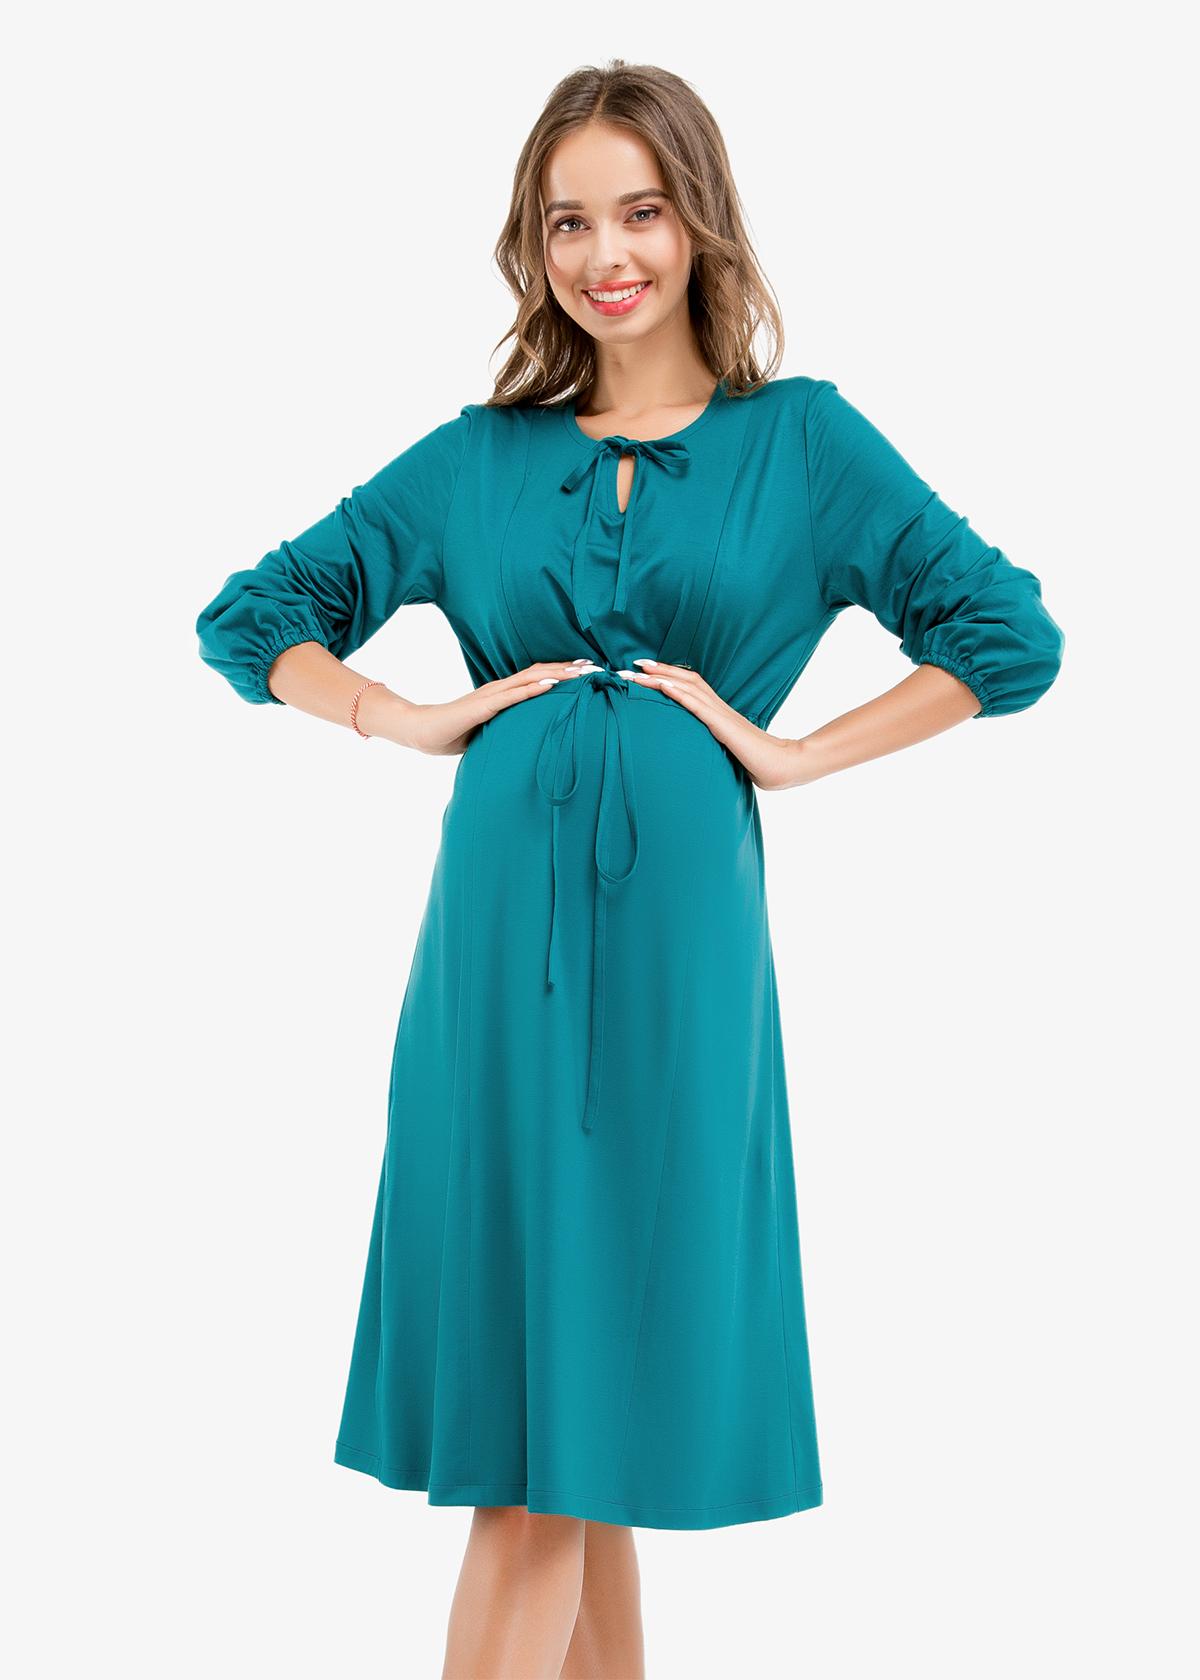 Фото: Красивое платье для беременных 1